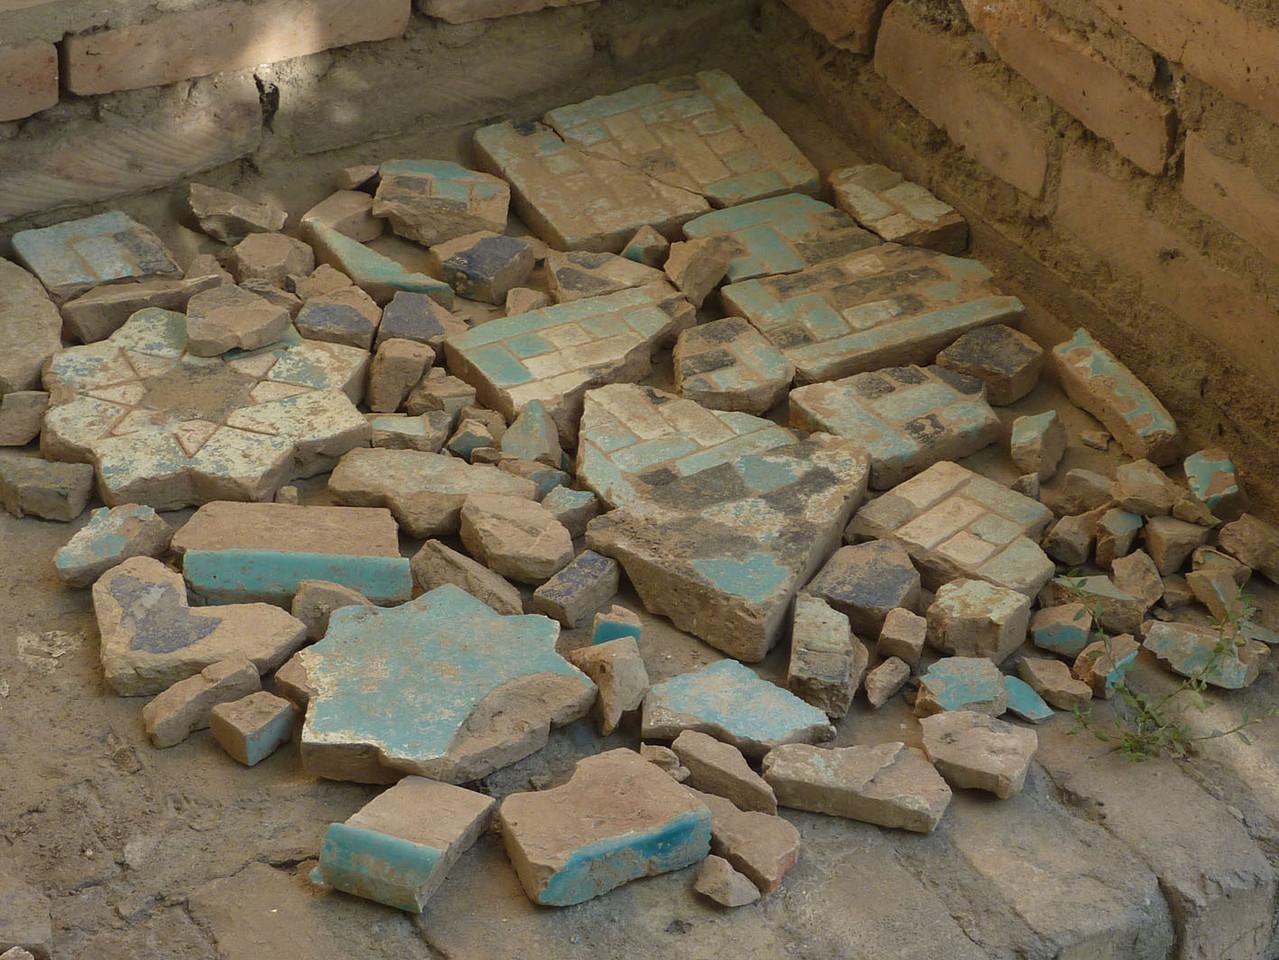 Carreaux et fragments identiques à ceux du pavement, trouvés durant les fouilles. Déchets de cuisson ? (Socra, 2012)